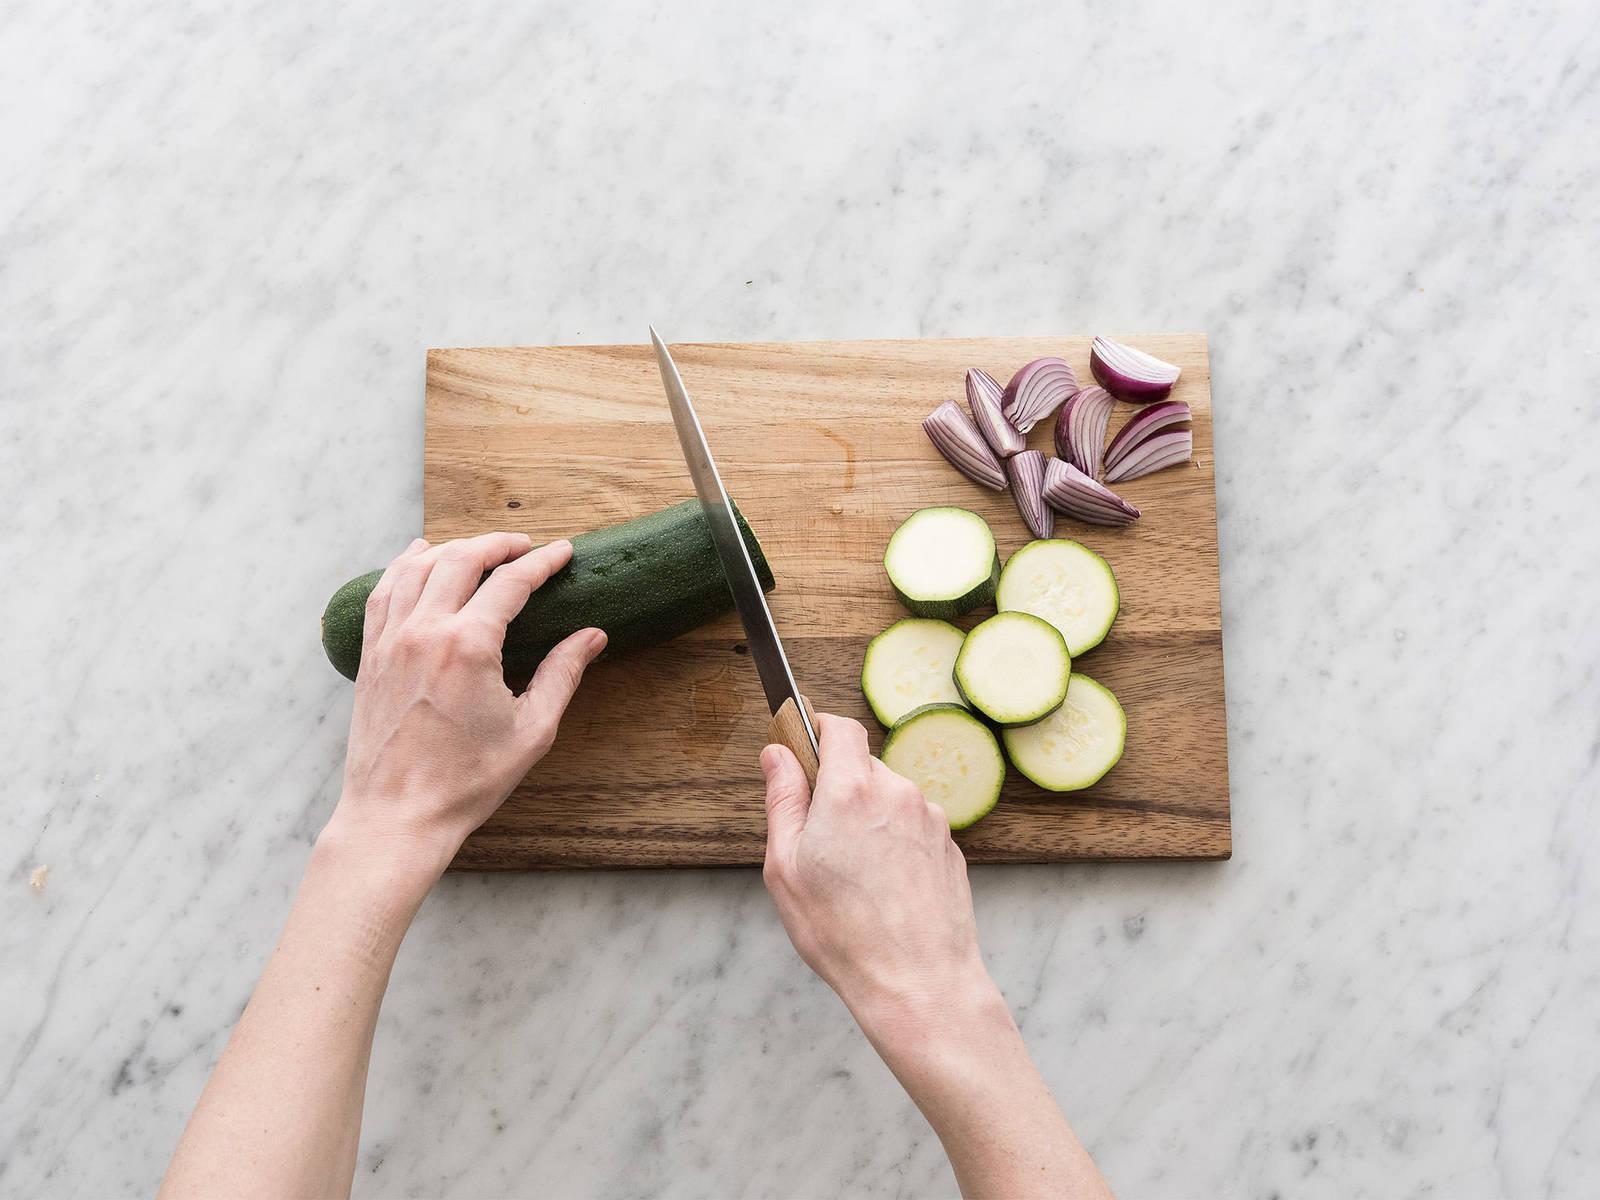 洋葱去皮后对半切成四份。葱横切成片,西葫芦切成圆片。在大碗中放入西葫芦、洋葱,与橄榄油、盐和胡椒混合。